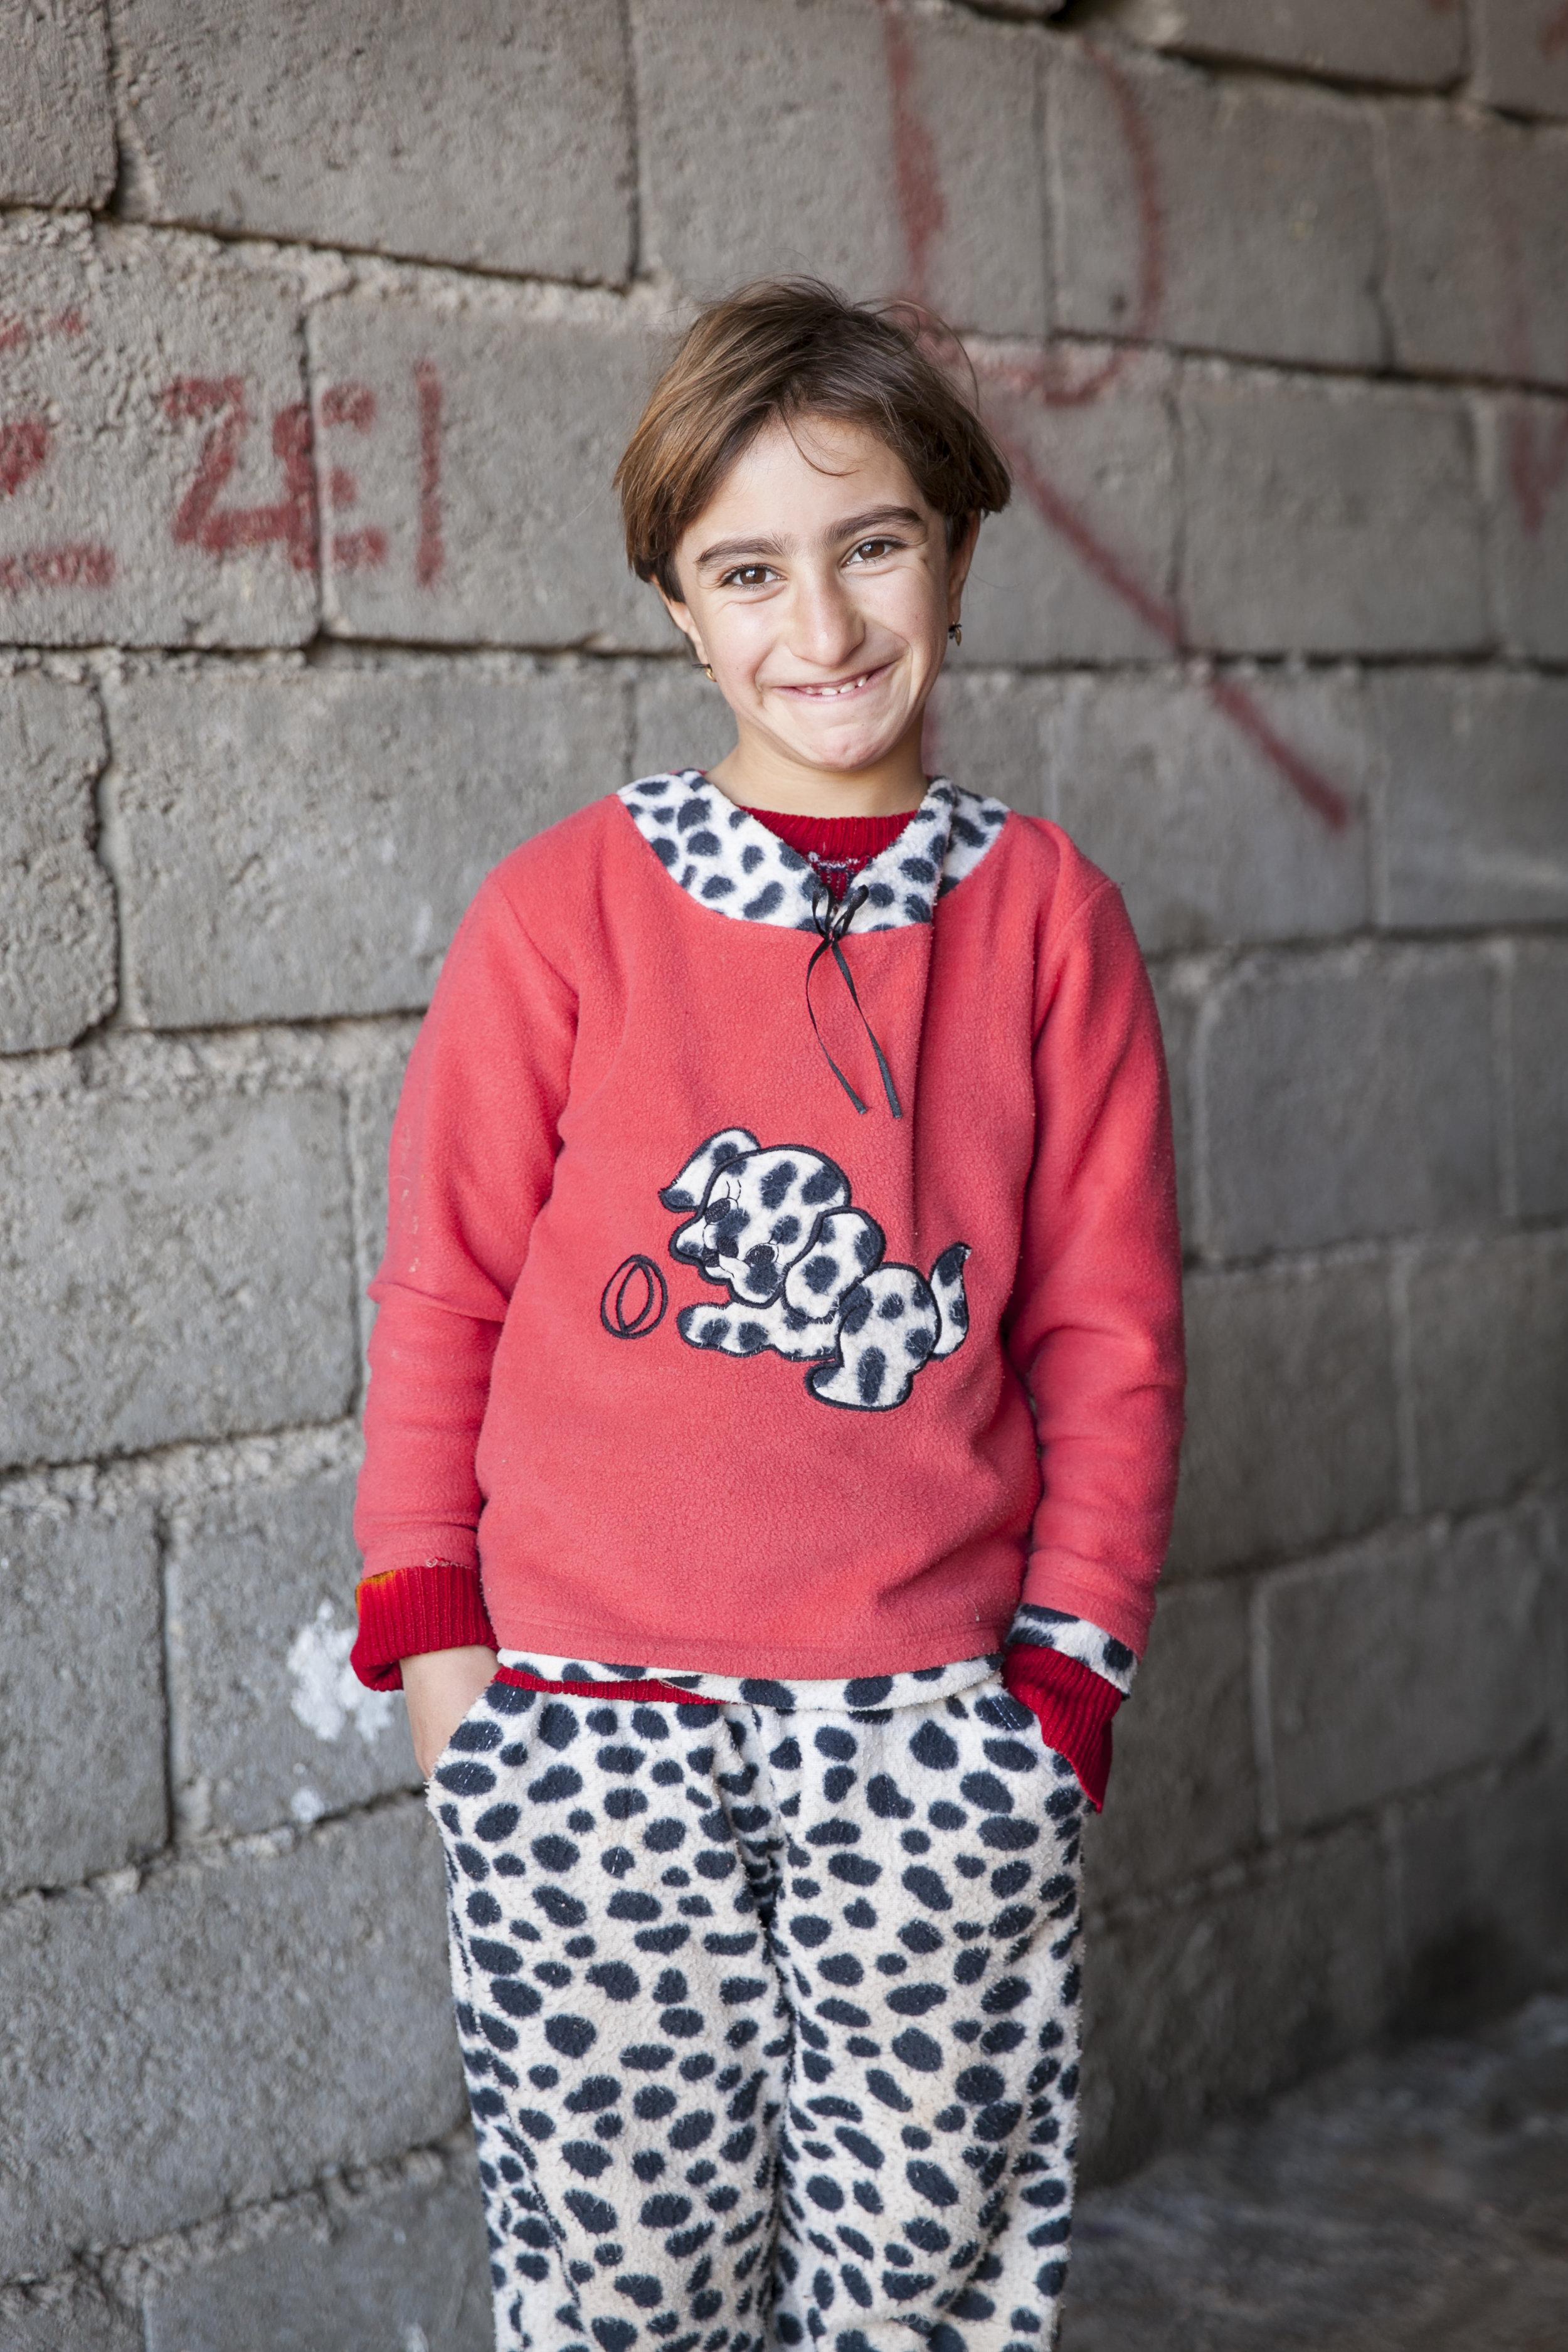 20141205_Refugee_GH_0273.jpg